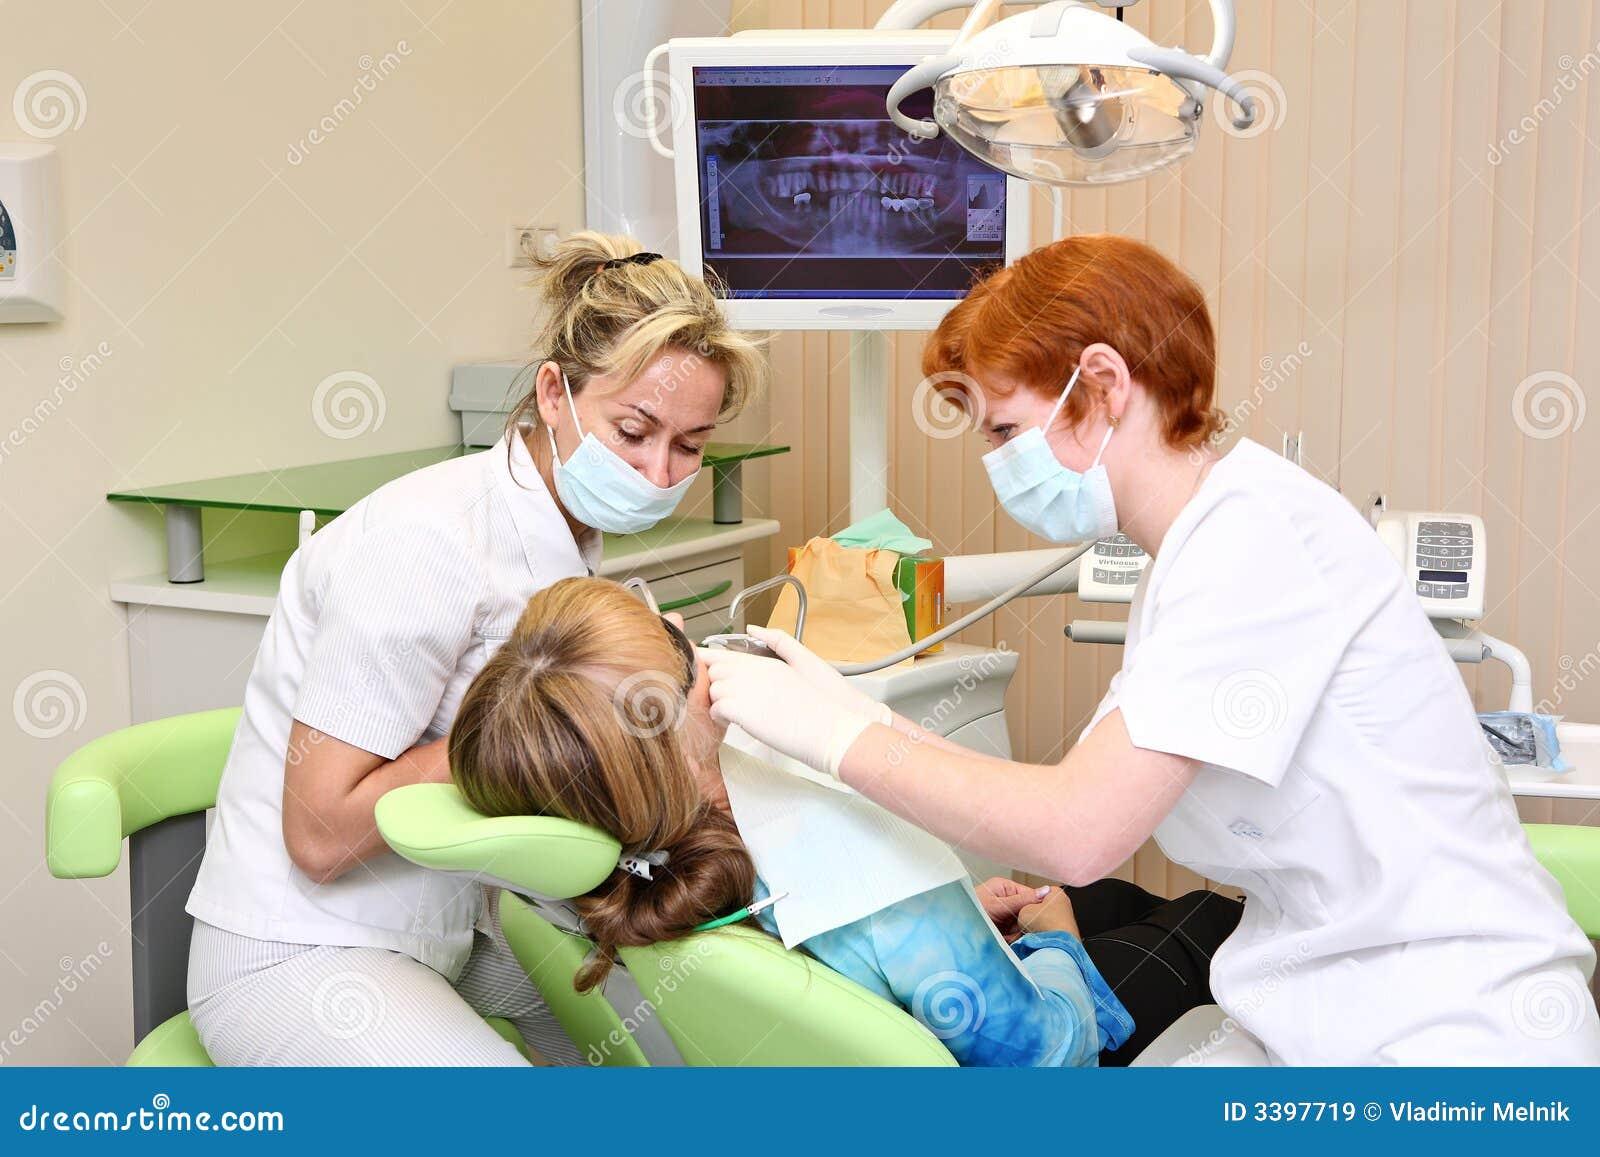 working work dentist